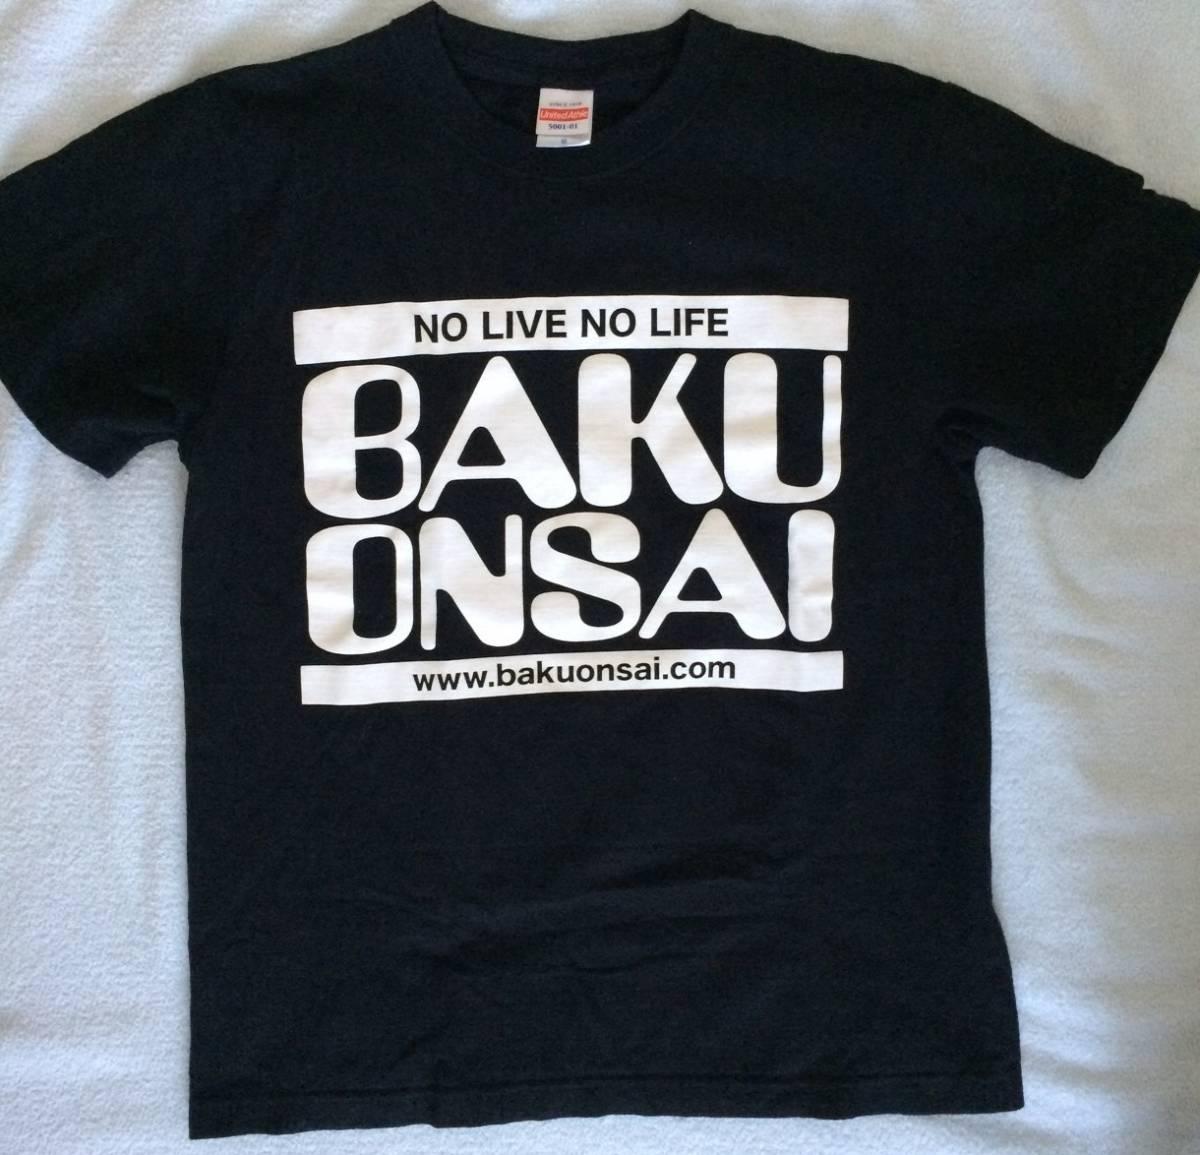 送料コミ!SORAMIMI 爆女祭Tシャツ Sサイズ BAKUONSAI YAKA たむたむ、ジュナ UNI むらたたむ 伝説のガールズバンド!_画像1